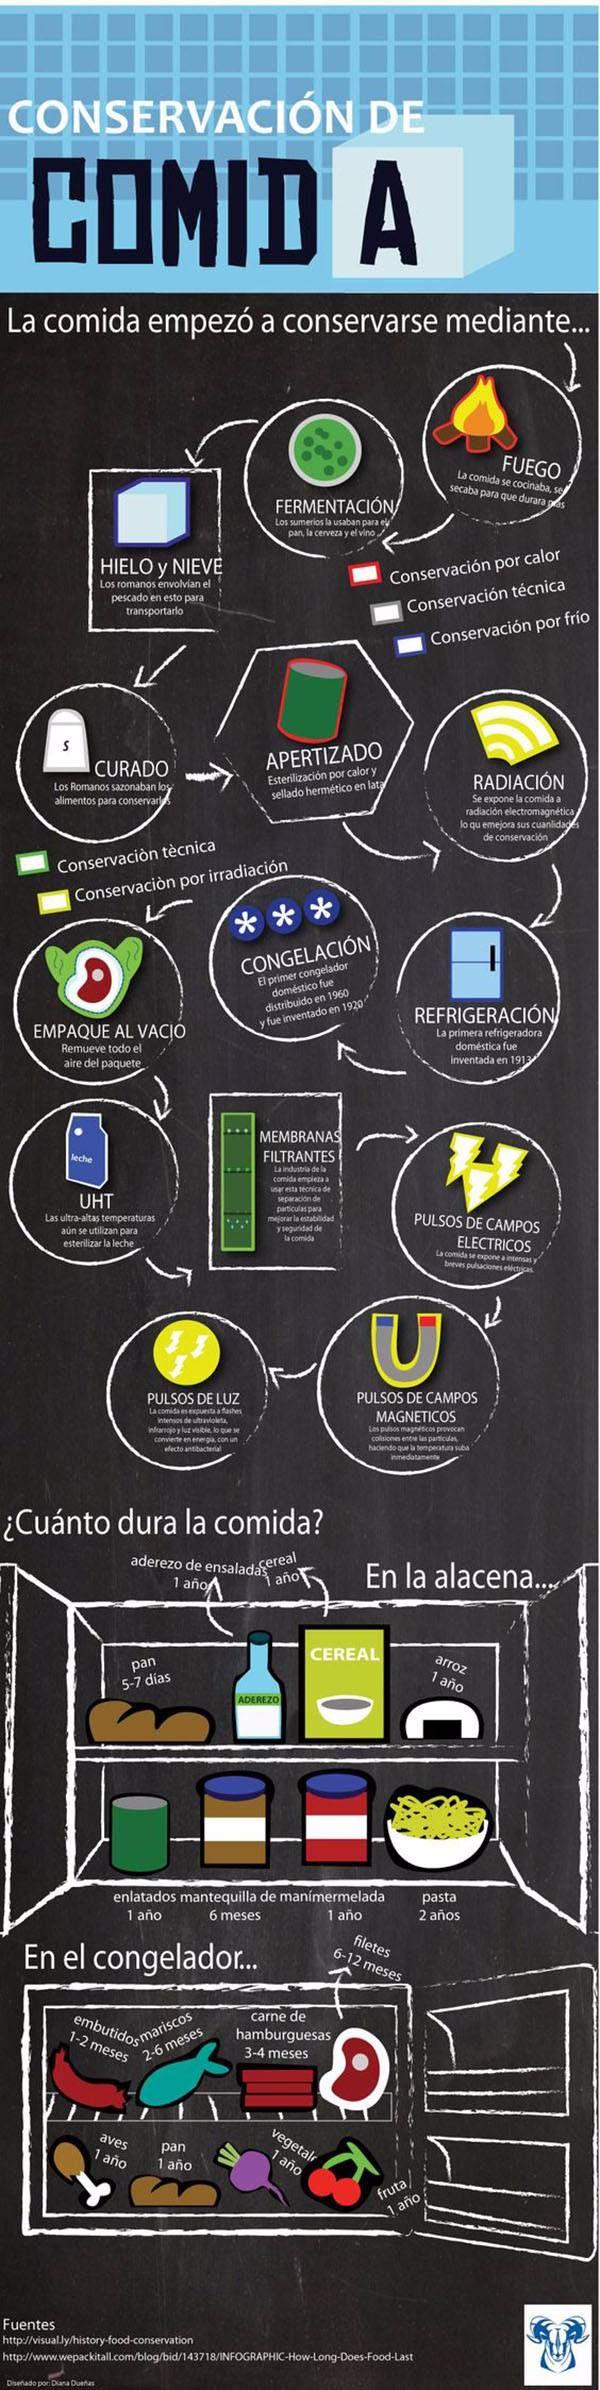 6 métodos de conservación de alimentos infalibles. #infografia #alimentos